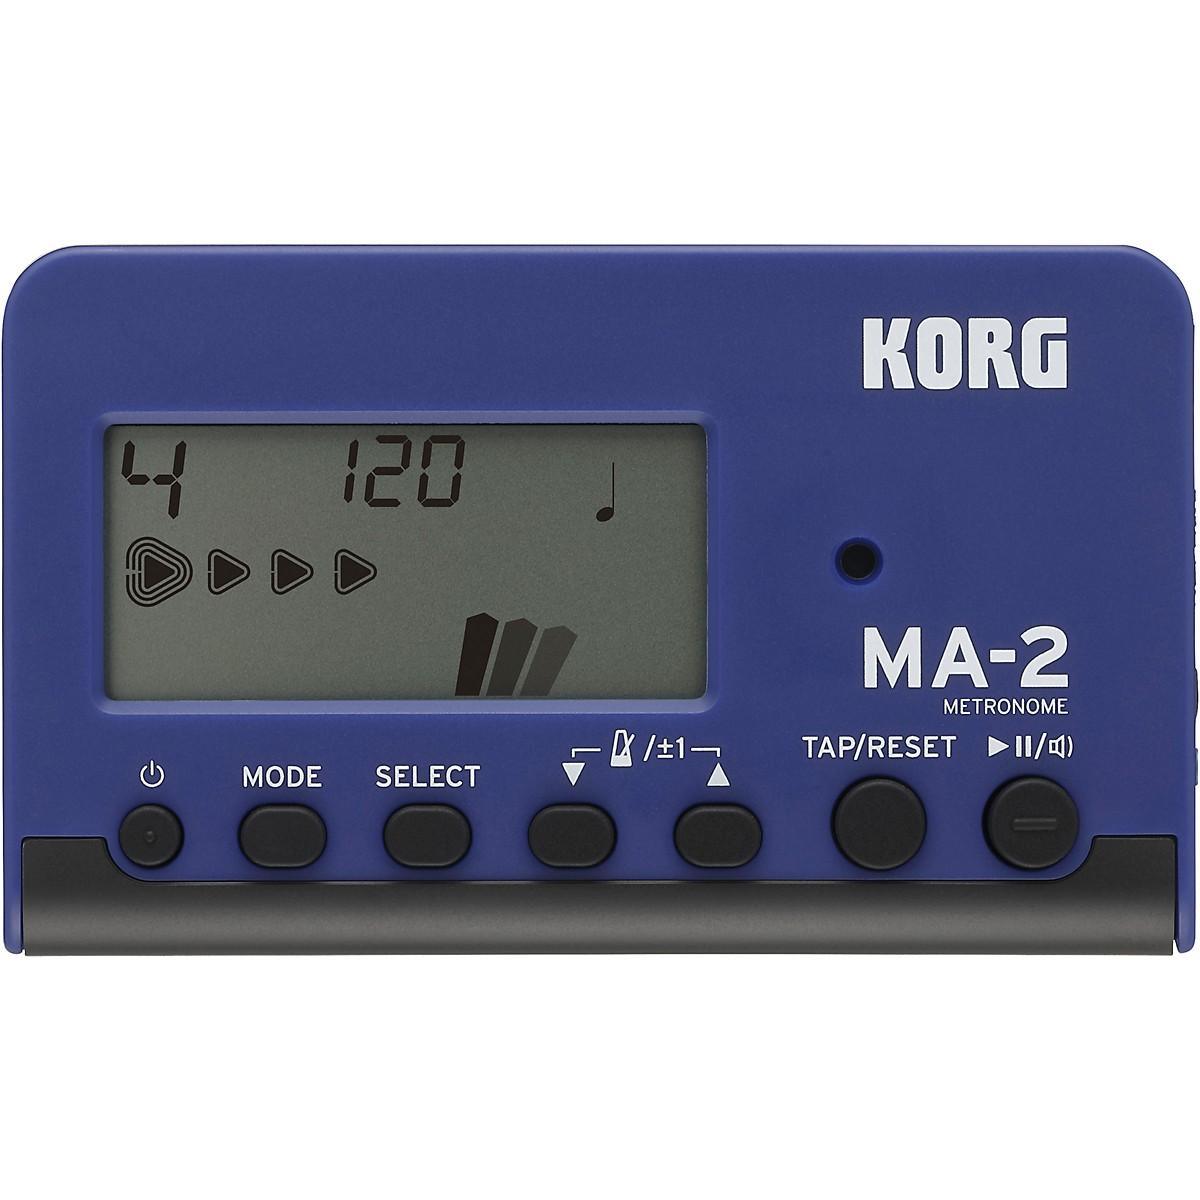 Korg MA-2 Metronome